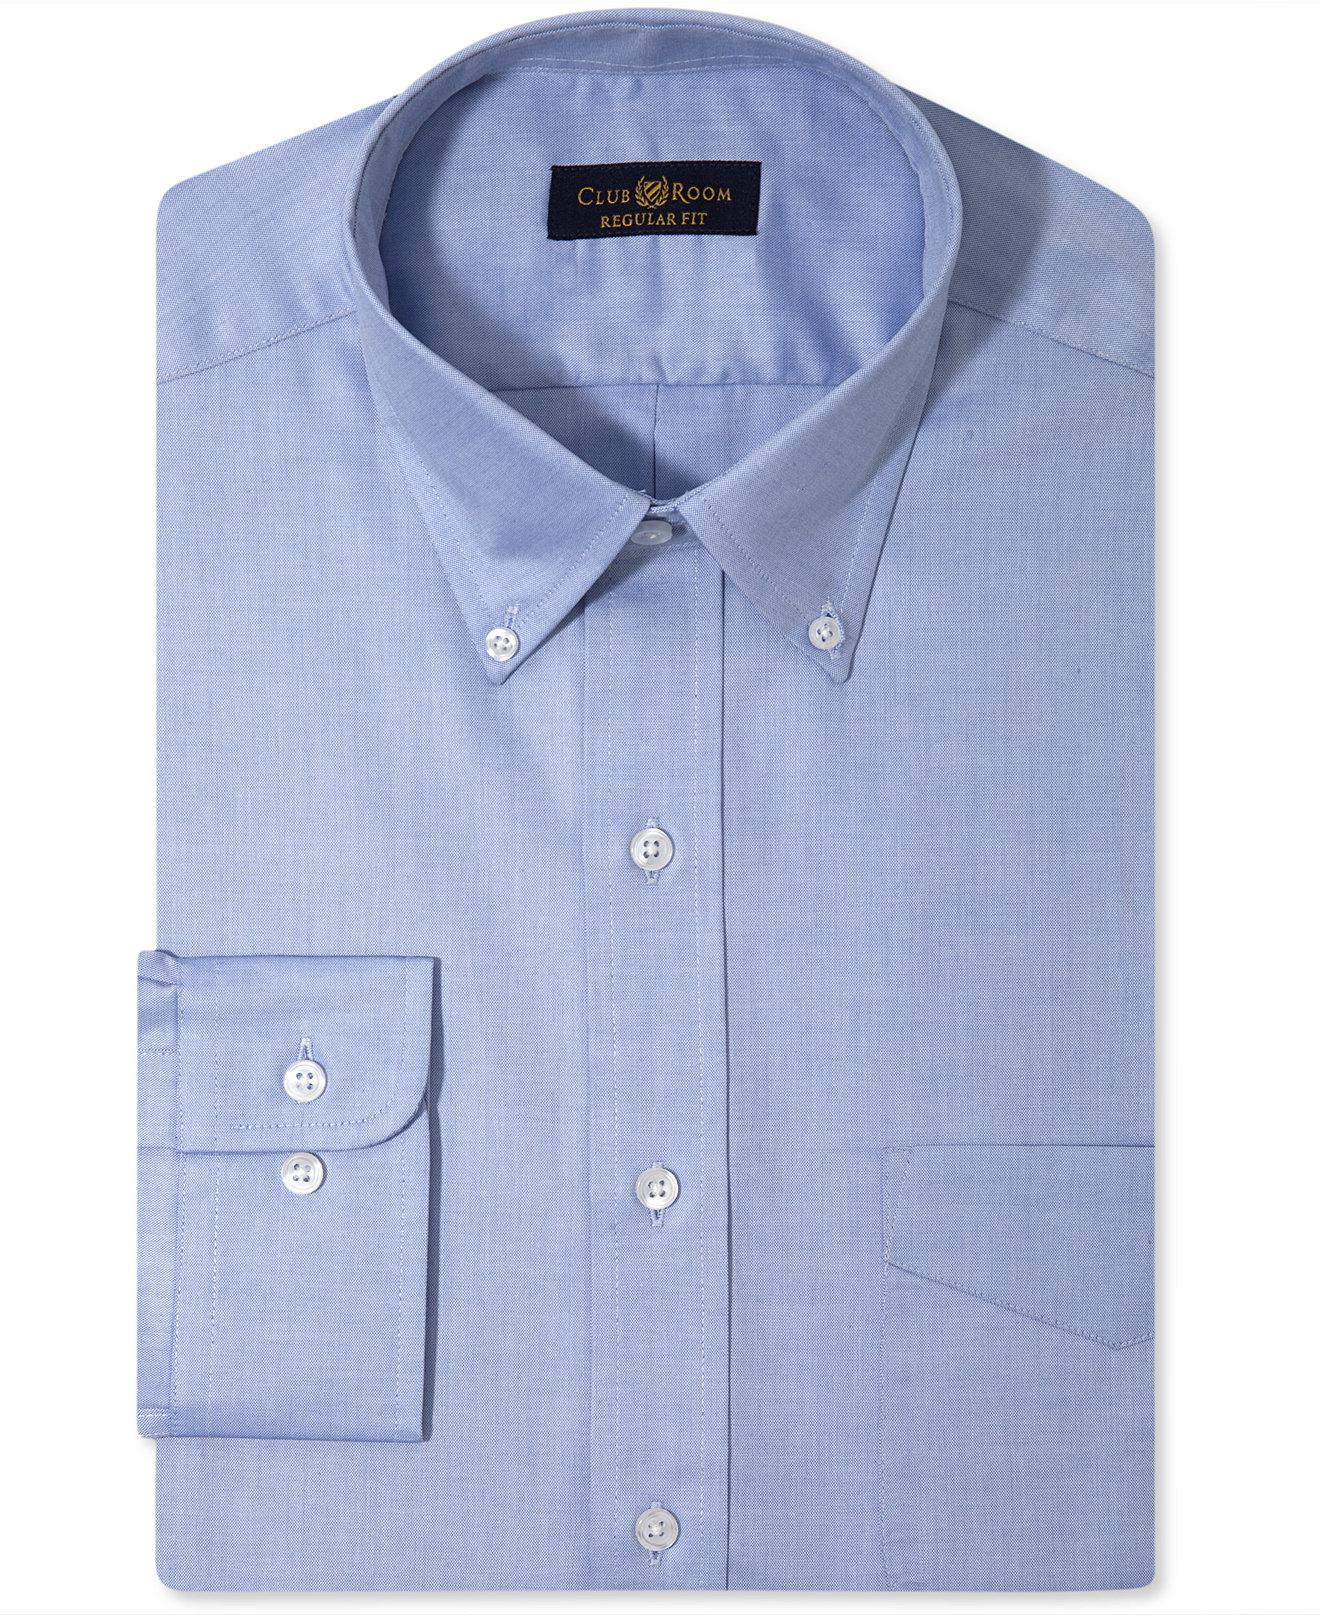 Mens Navy Blue Dress Shirt